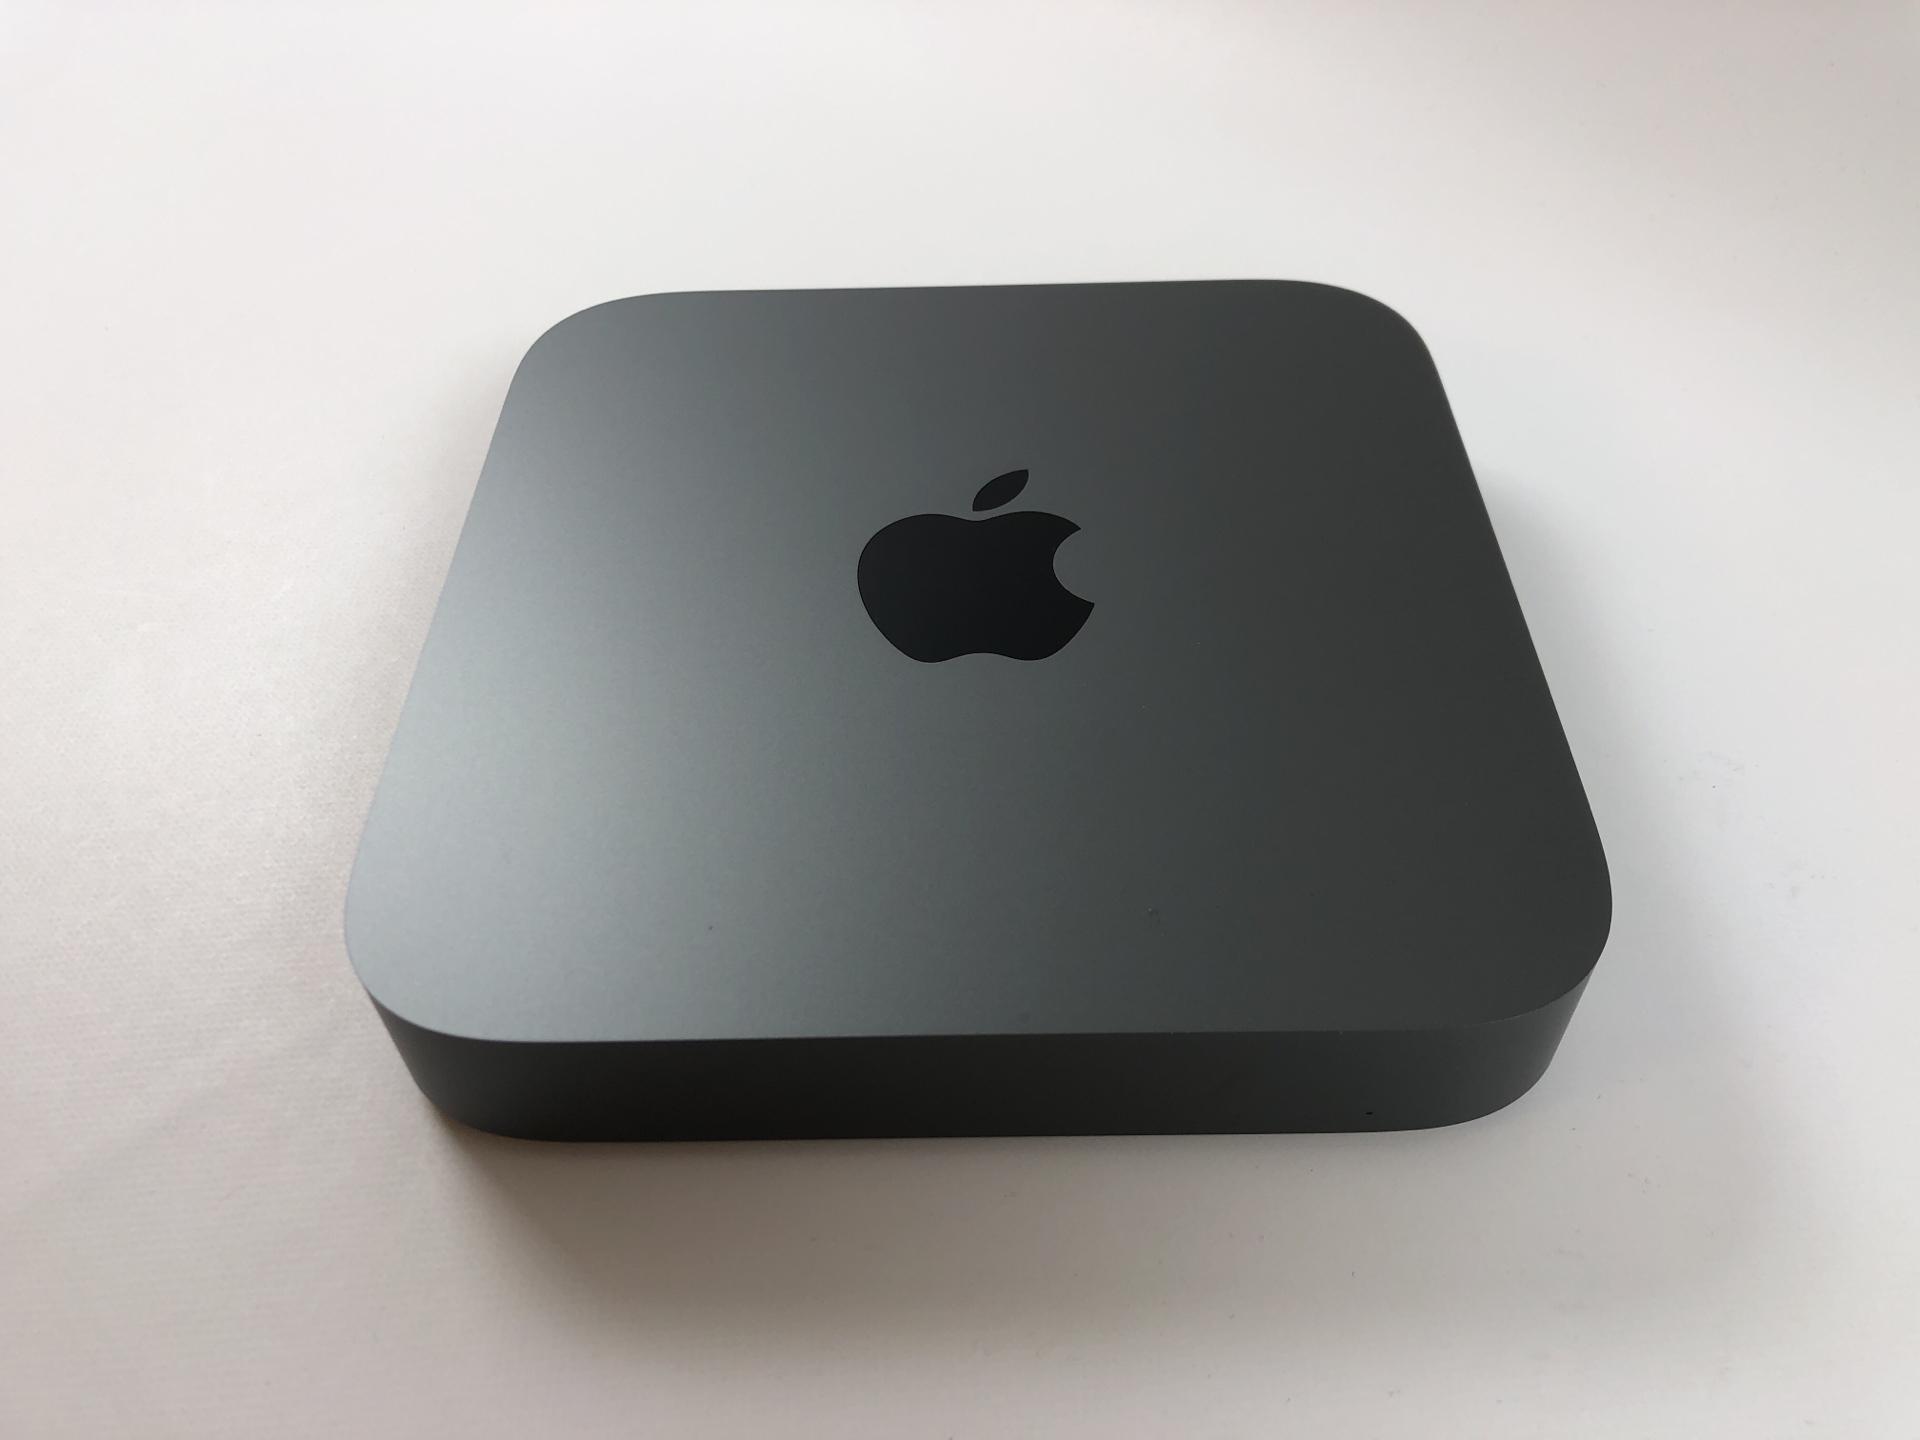 Mac Mini Late 2018 (Intel Quad-Core i3 3.6 GHz 64 GB RAM 128 GB SSD), Intel Quad-Core i3 3.6 GHz, 64 GB RAM, 128 GB SSD, Bild 1